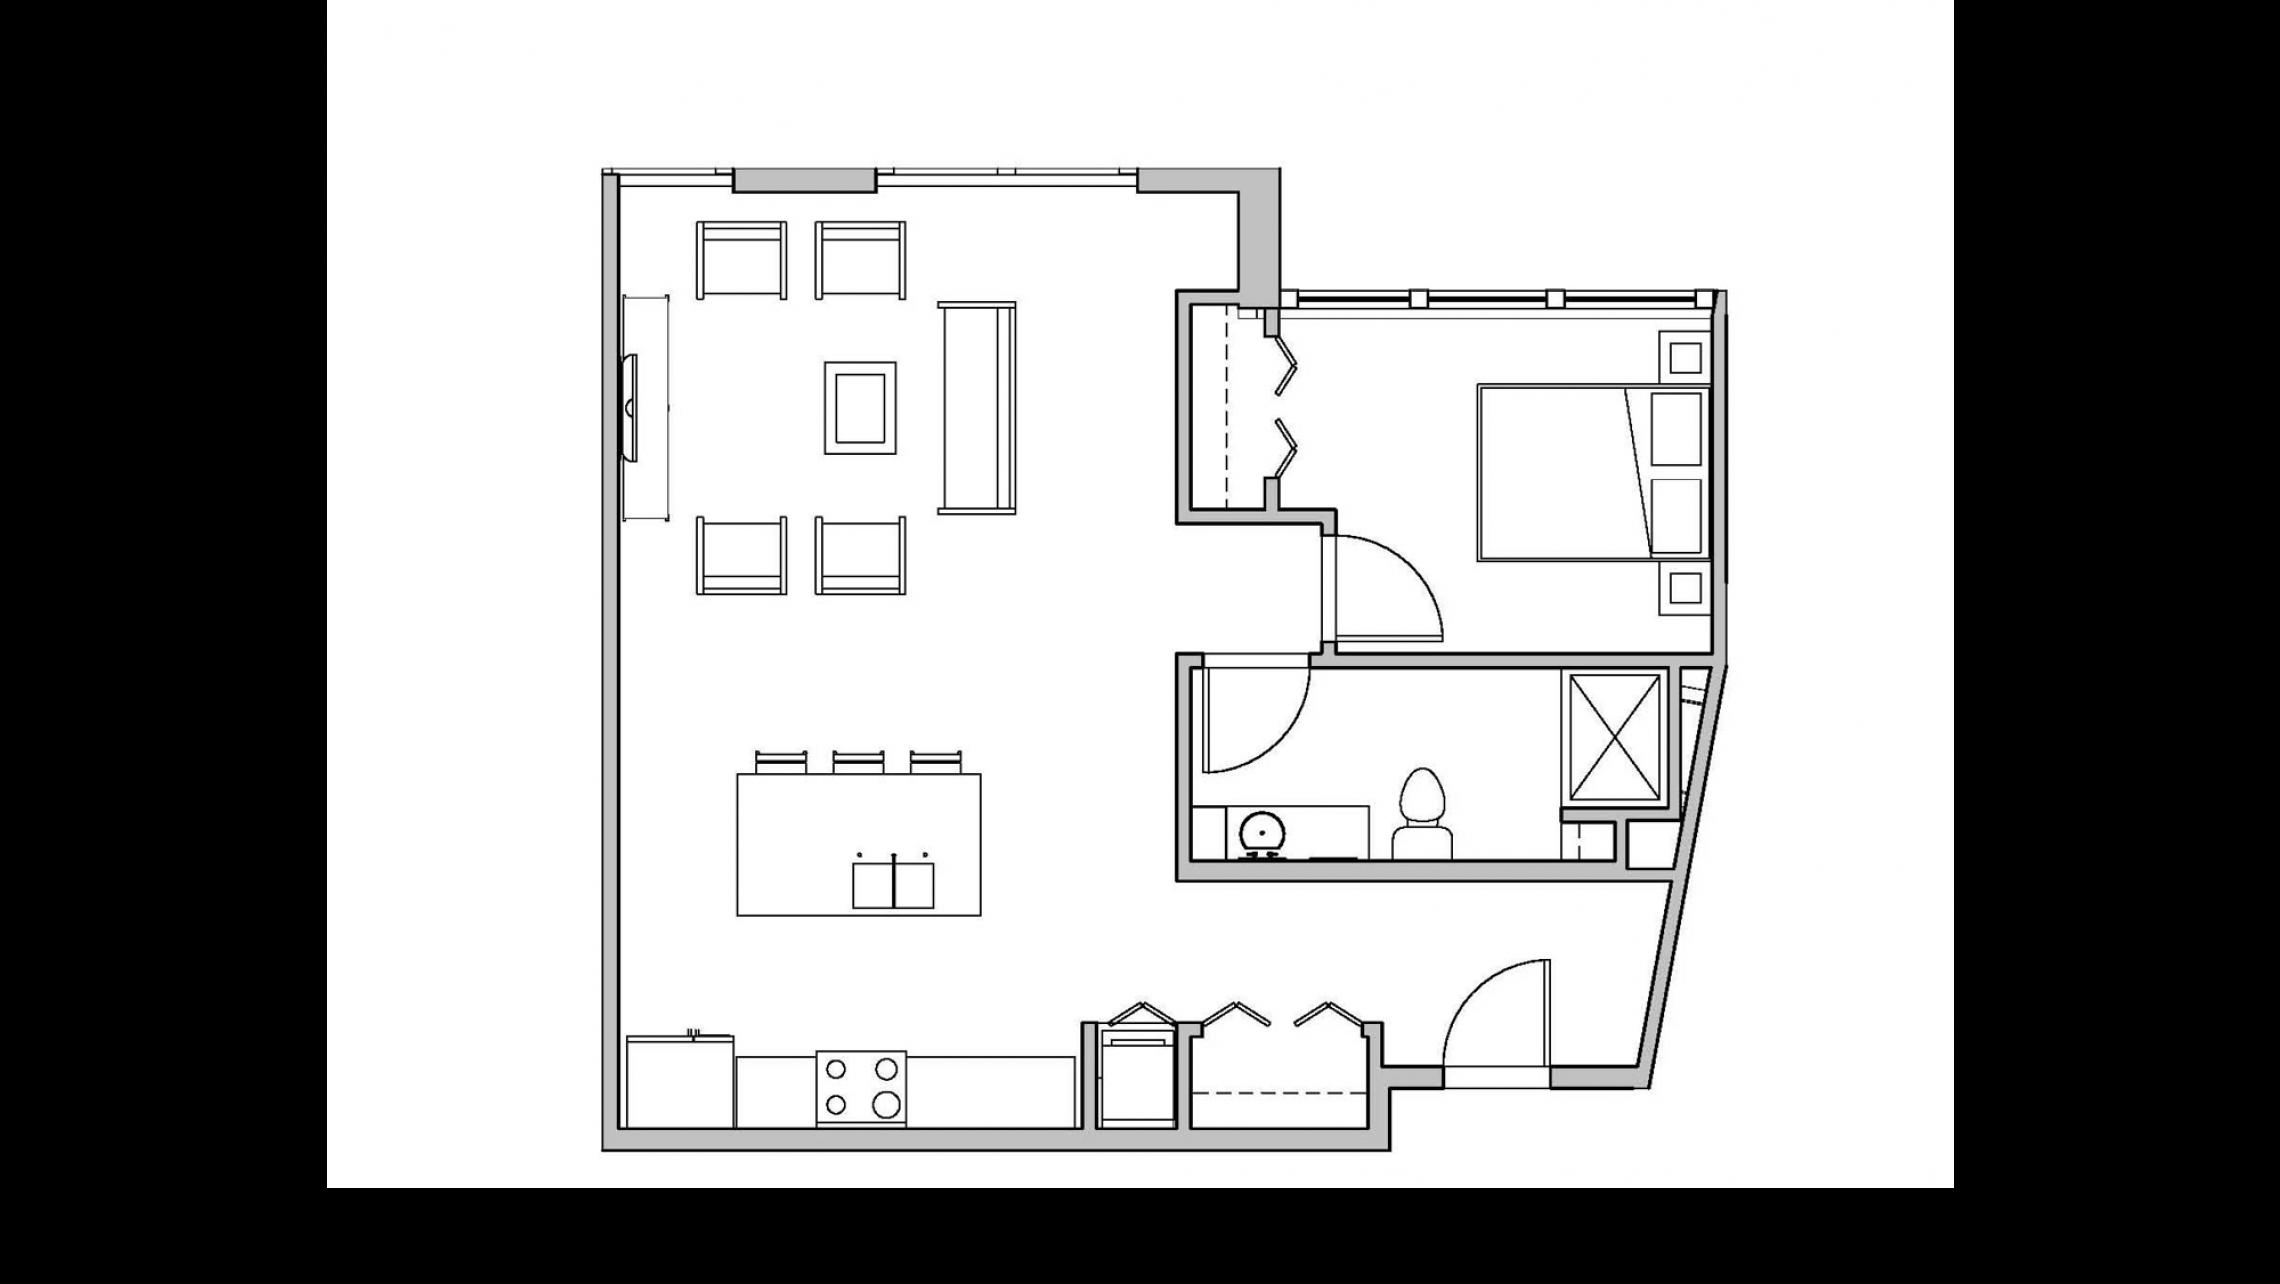 ULI Seven27 218 - One Bedroom, One Bathroom